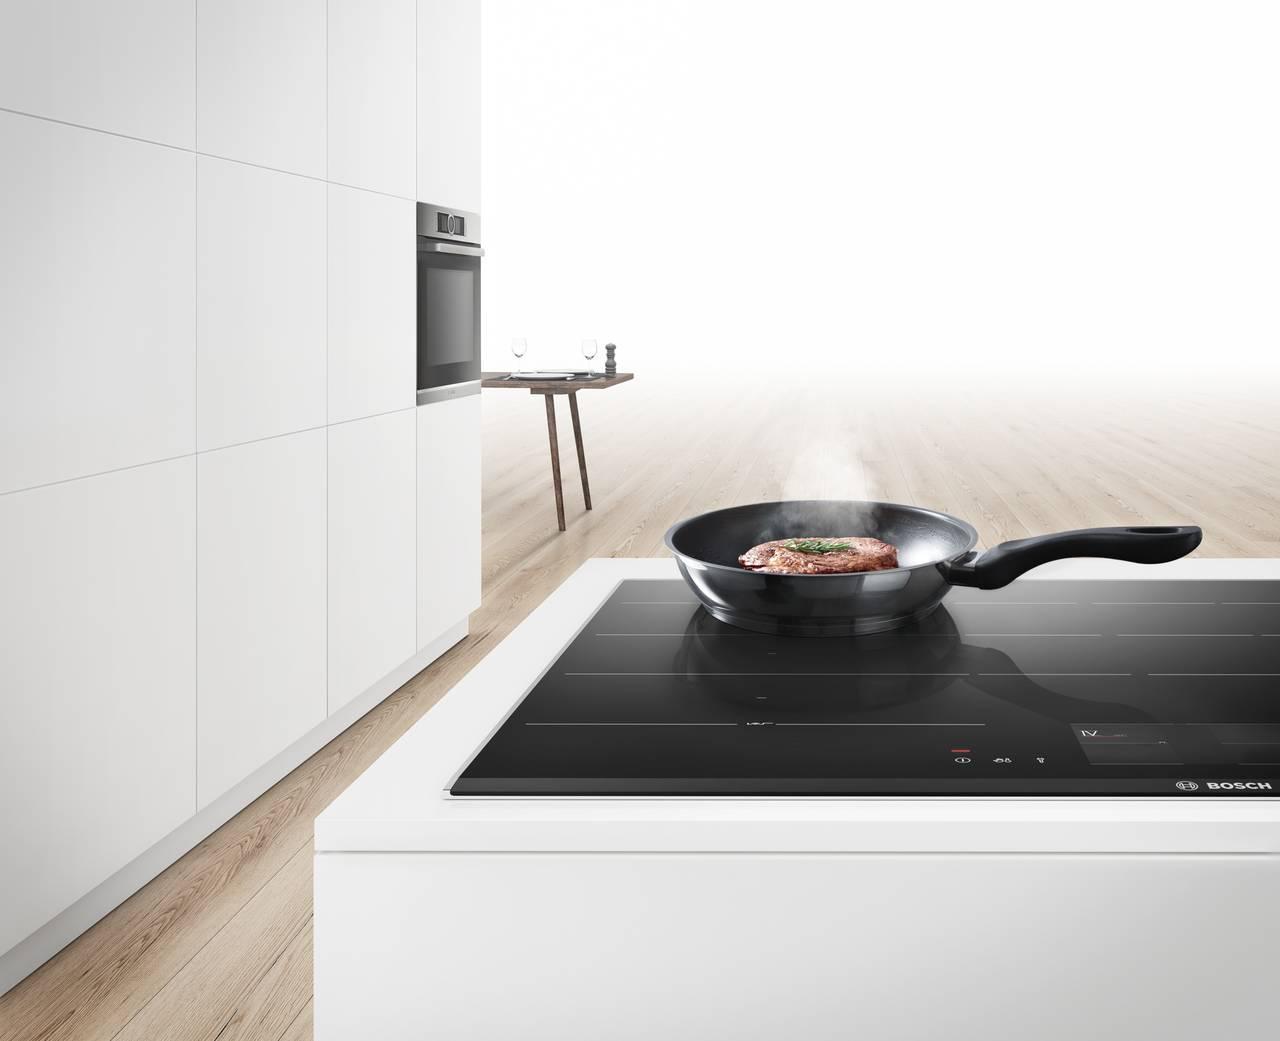 Nuovi piani a induzione Bosch | Ambiente Cucina